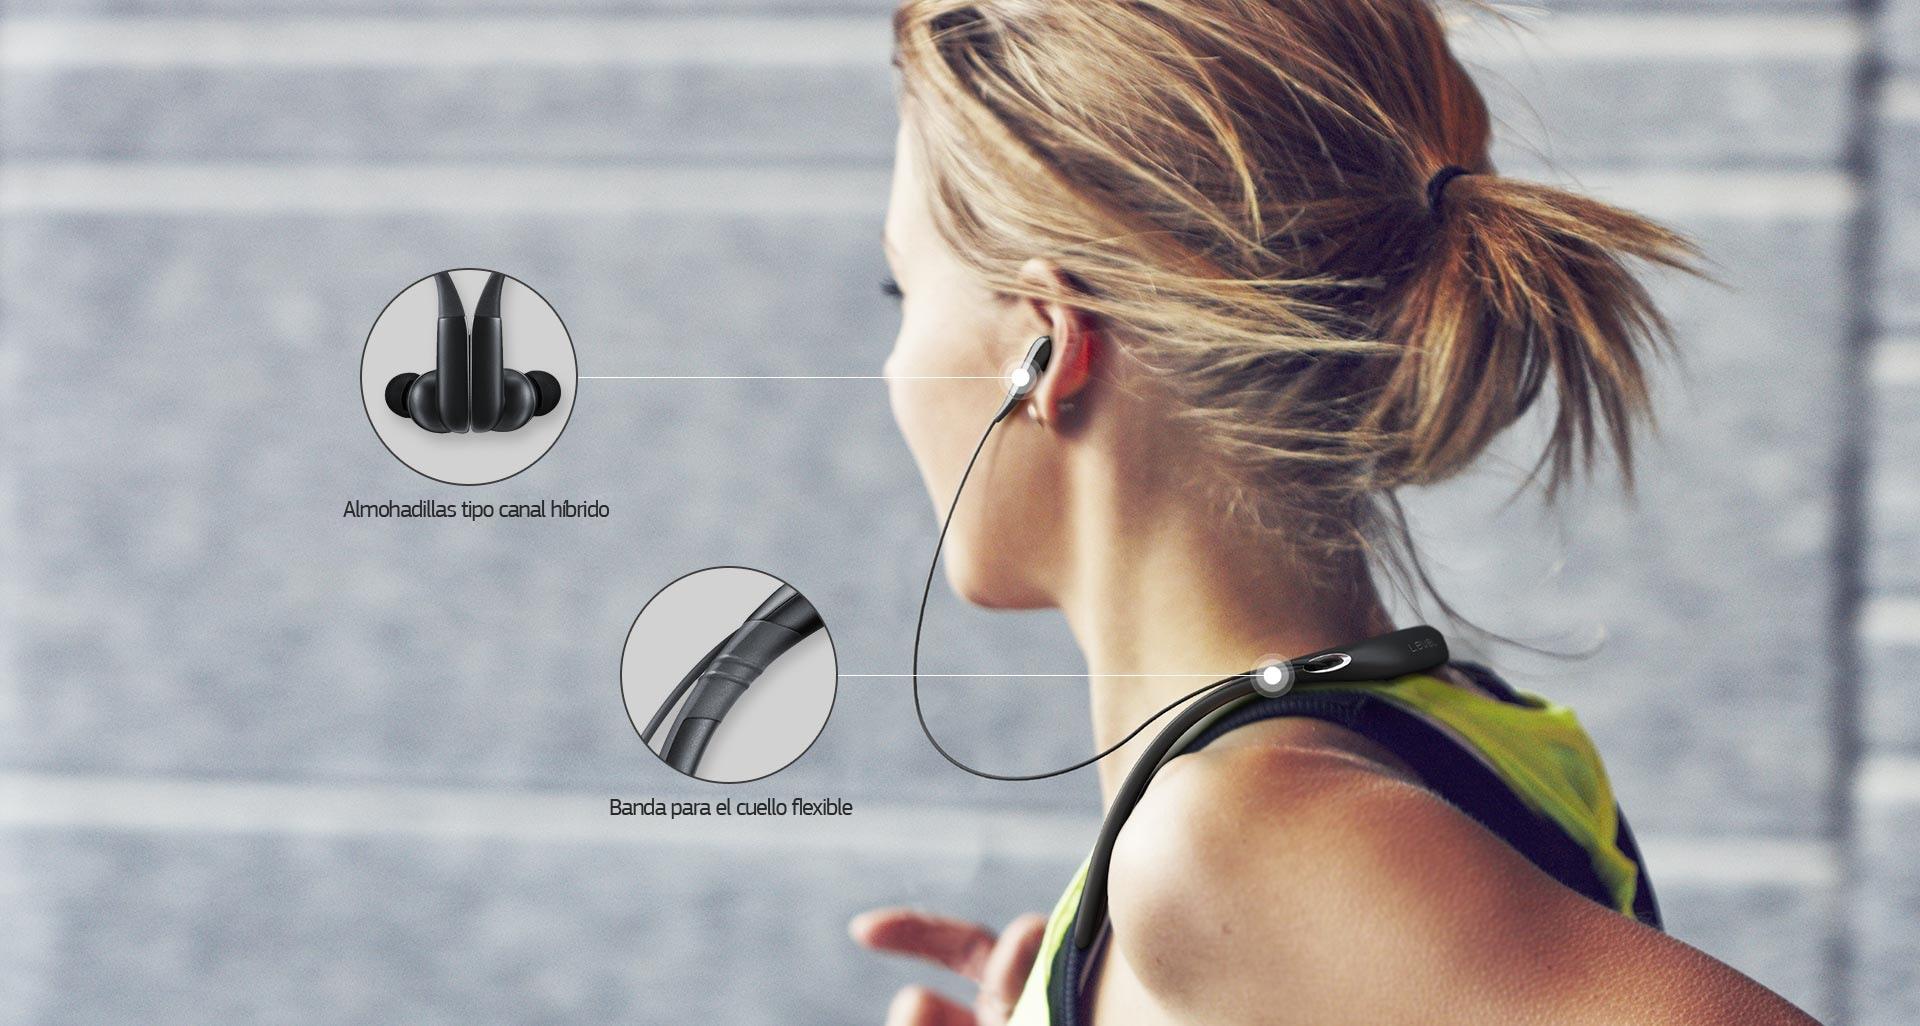 Diseñado para la comodidad. Diseño tipo banda para el cuello y articulaciones de uretano para que los usuarios puedan poner o quitar su nivel U Pro con facilidad. Almohadillas tipo canal híbrido que brindan aislamiento acústico y un ajuste más cómodo. Para una experiencia auditiva aún más duradera.